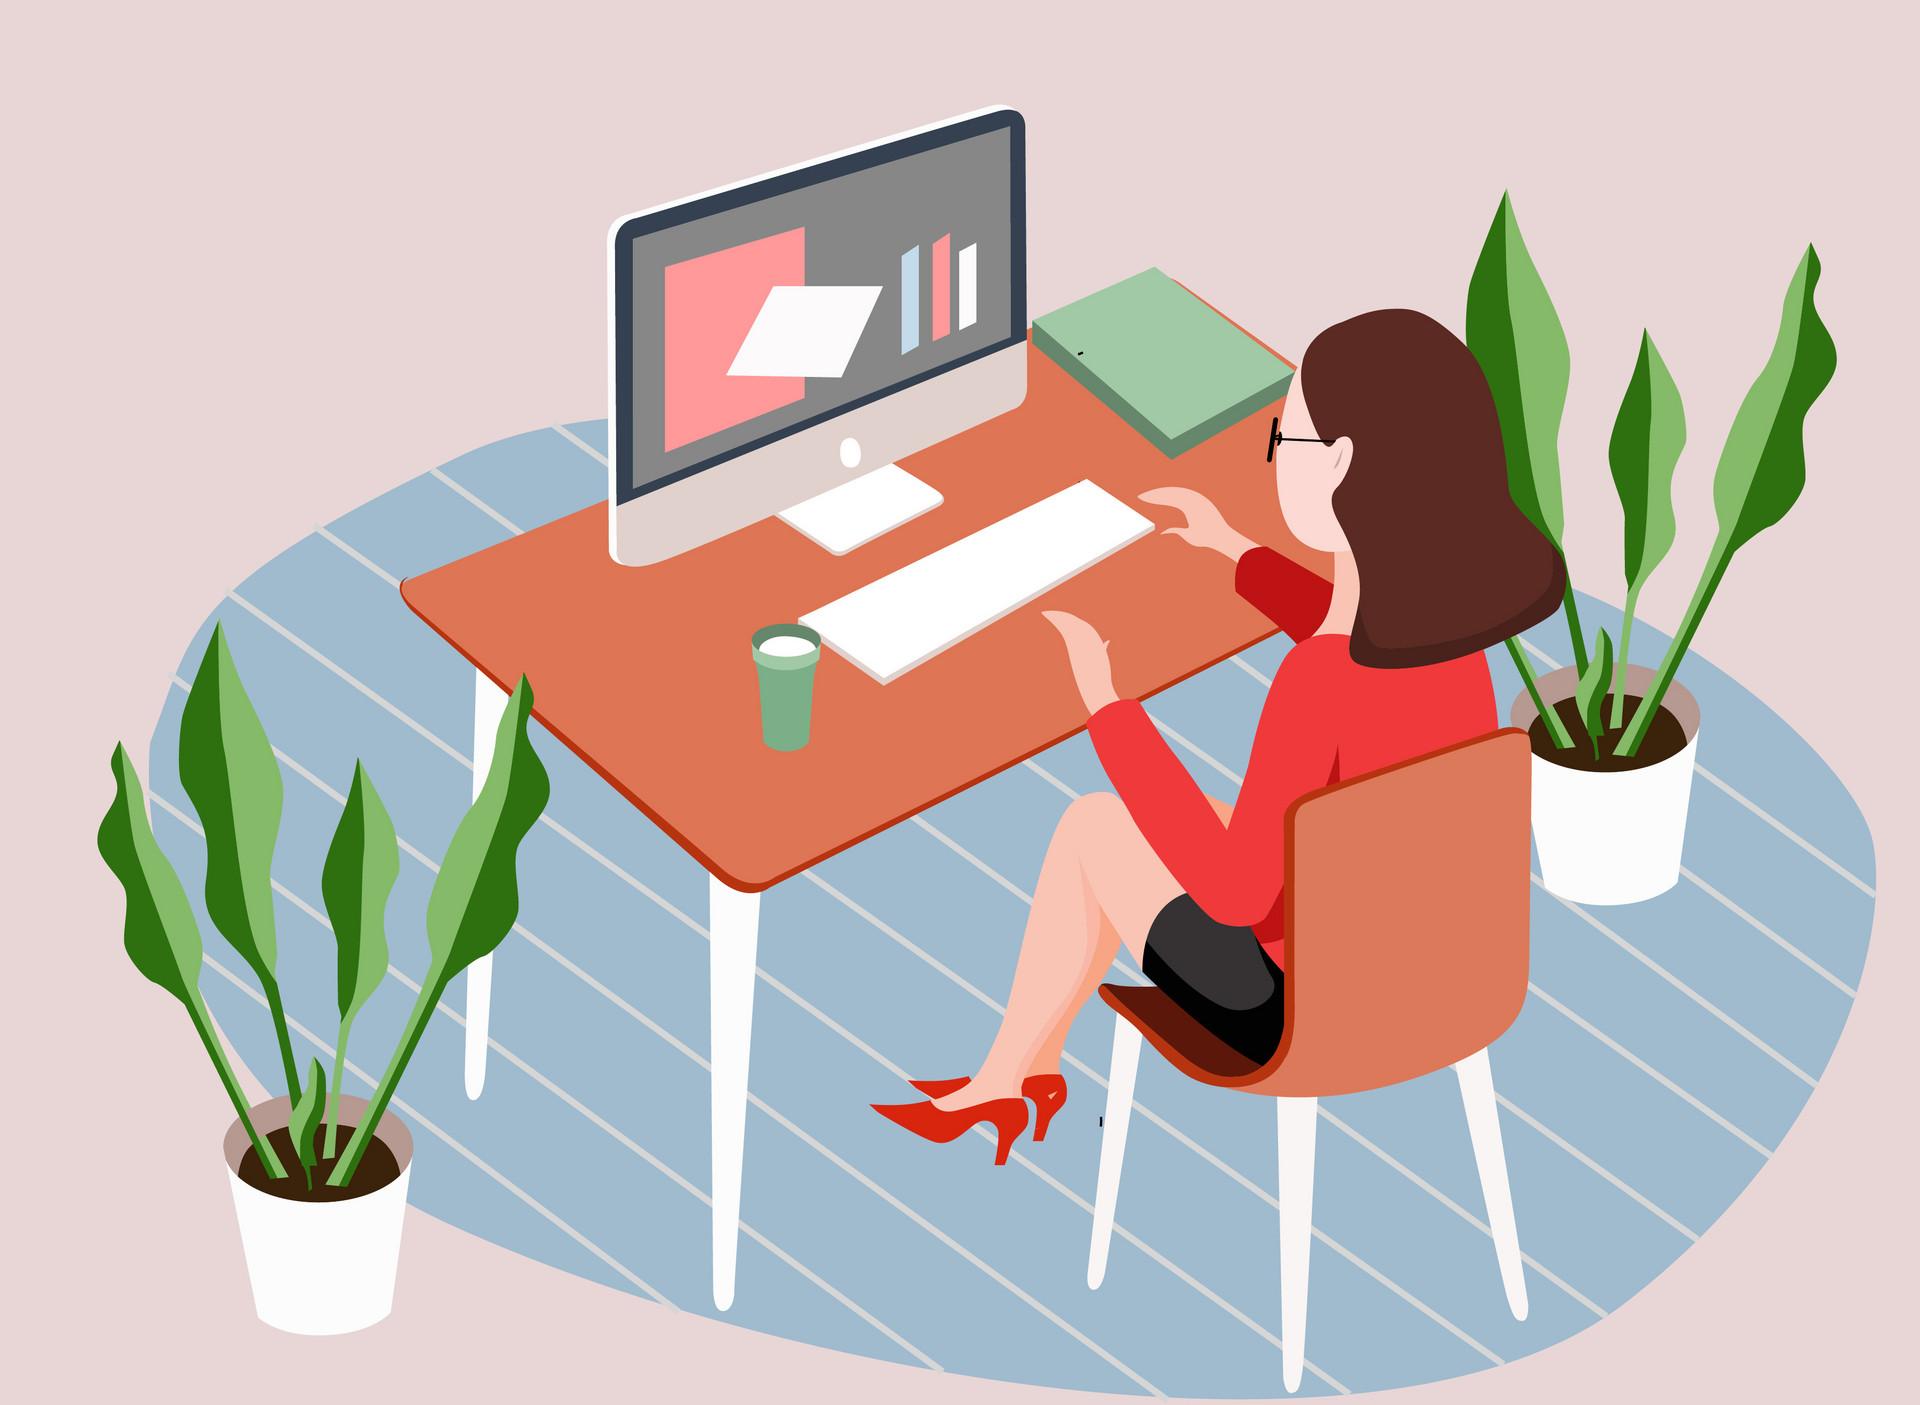 HR也应该站在求职者的角度思考问题